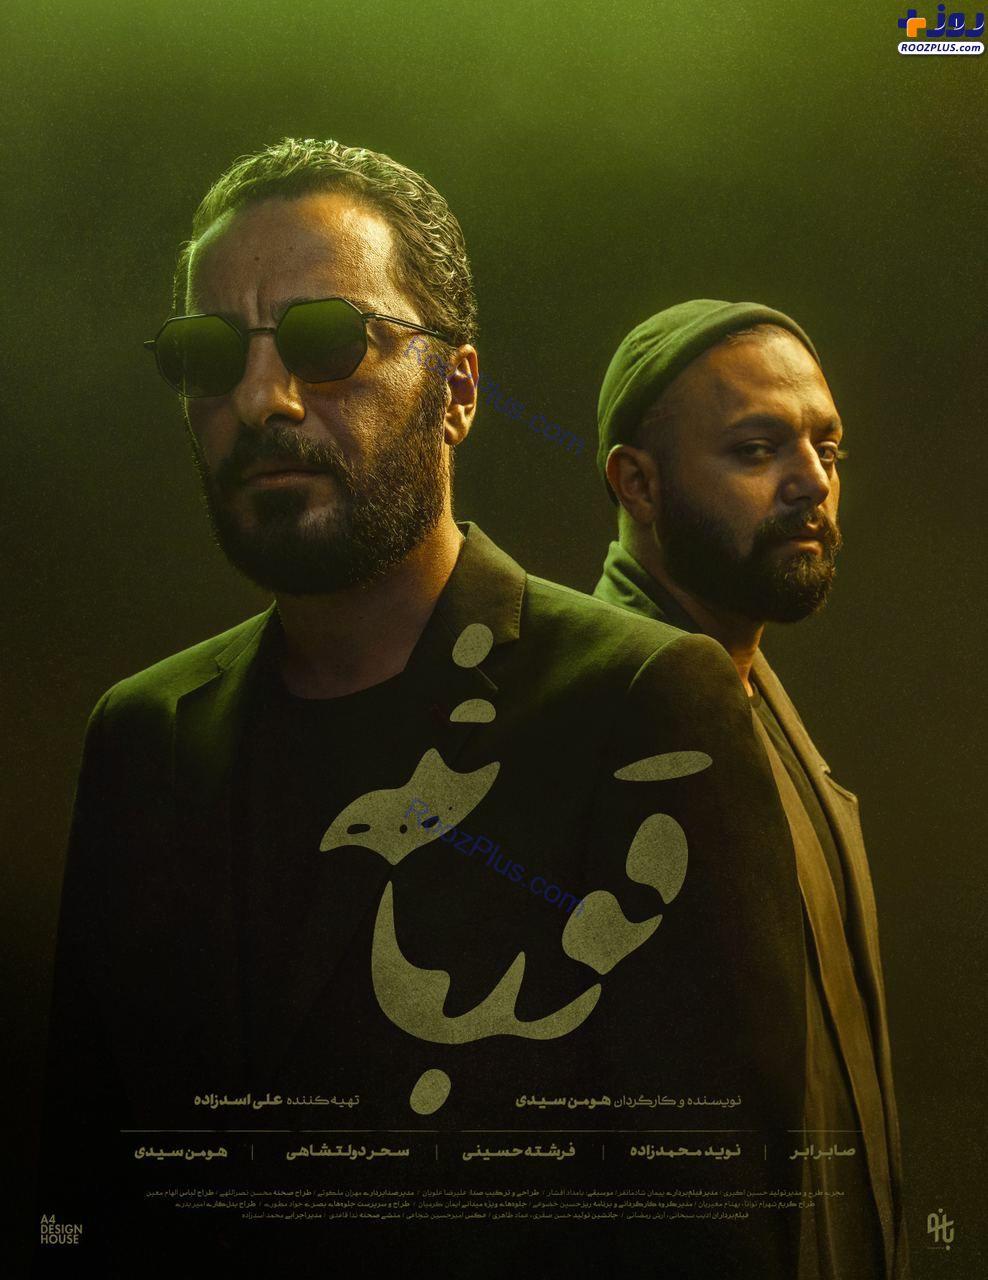 نوید محمد زاده و صابر ابر روی پوستر «قورباغه»+عکس